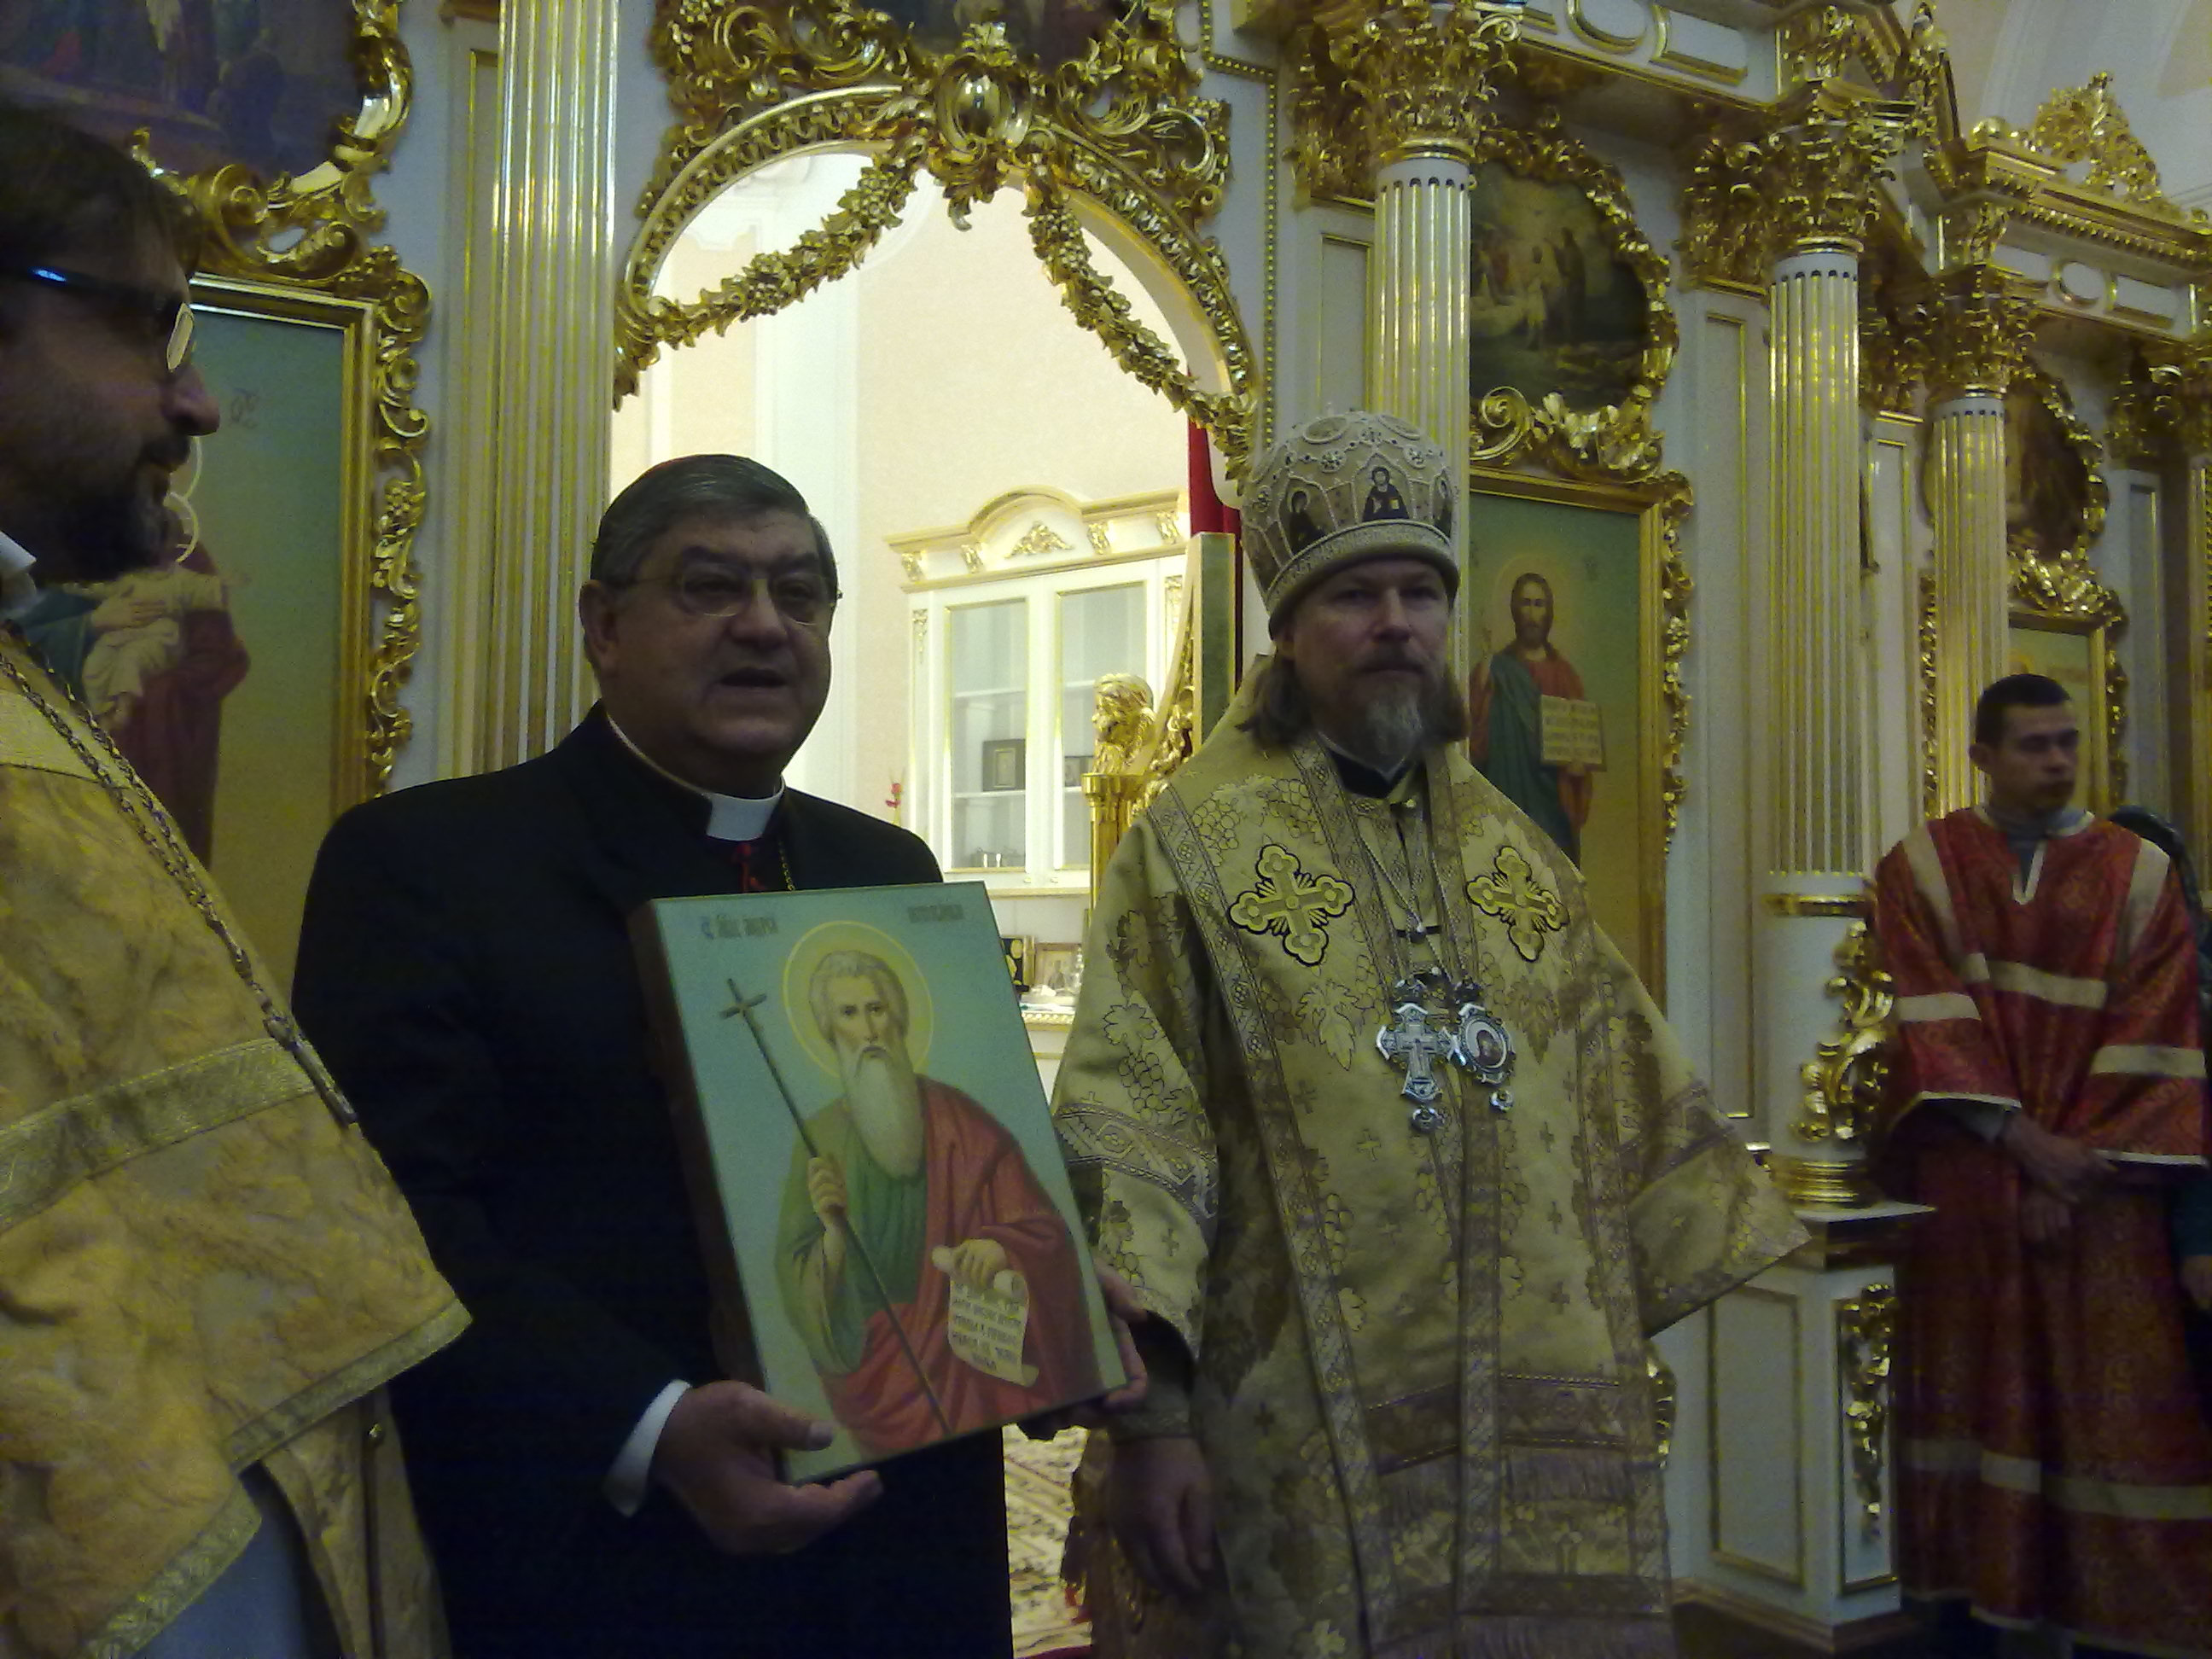 chiesa ort russa.jpg